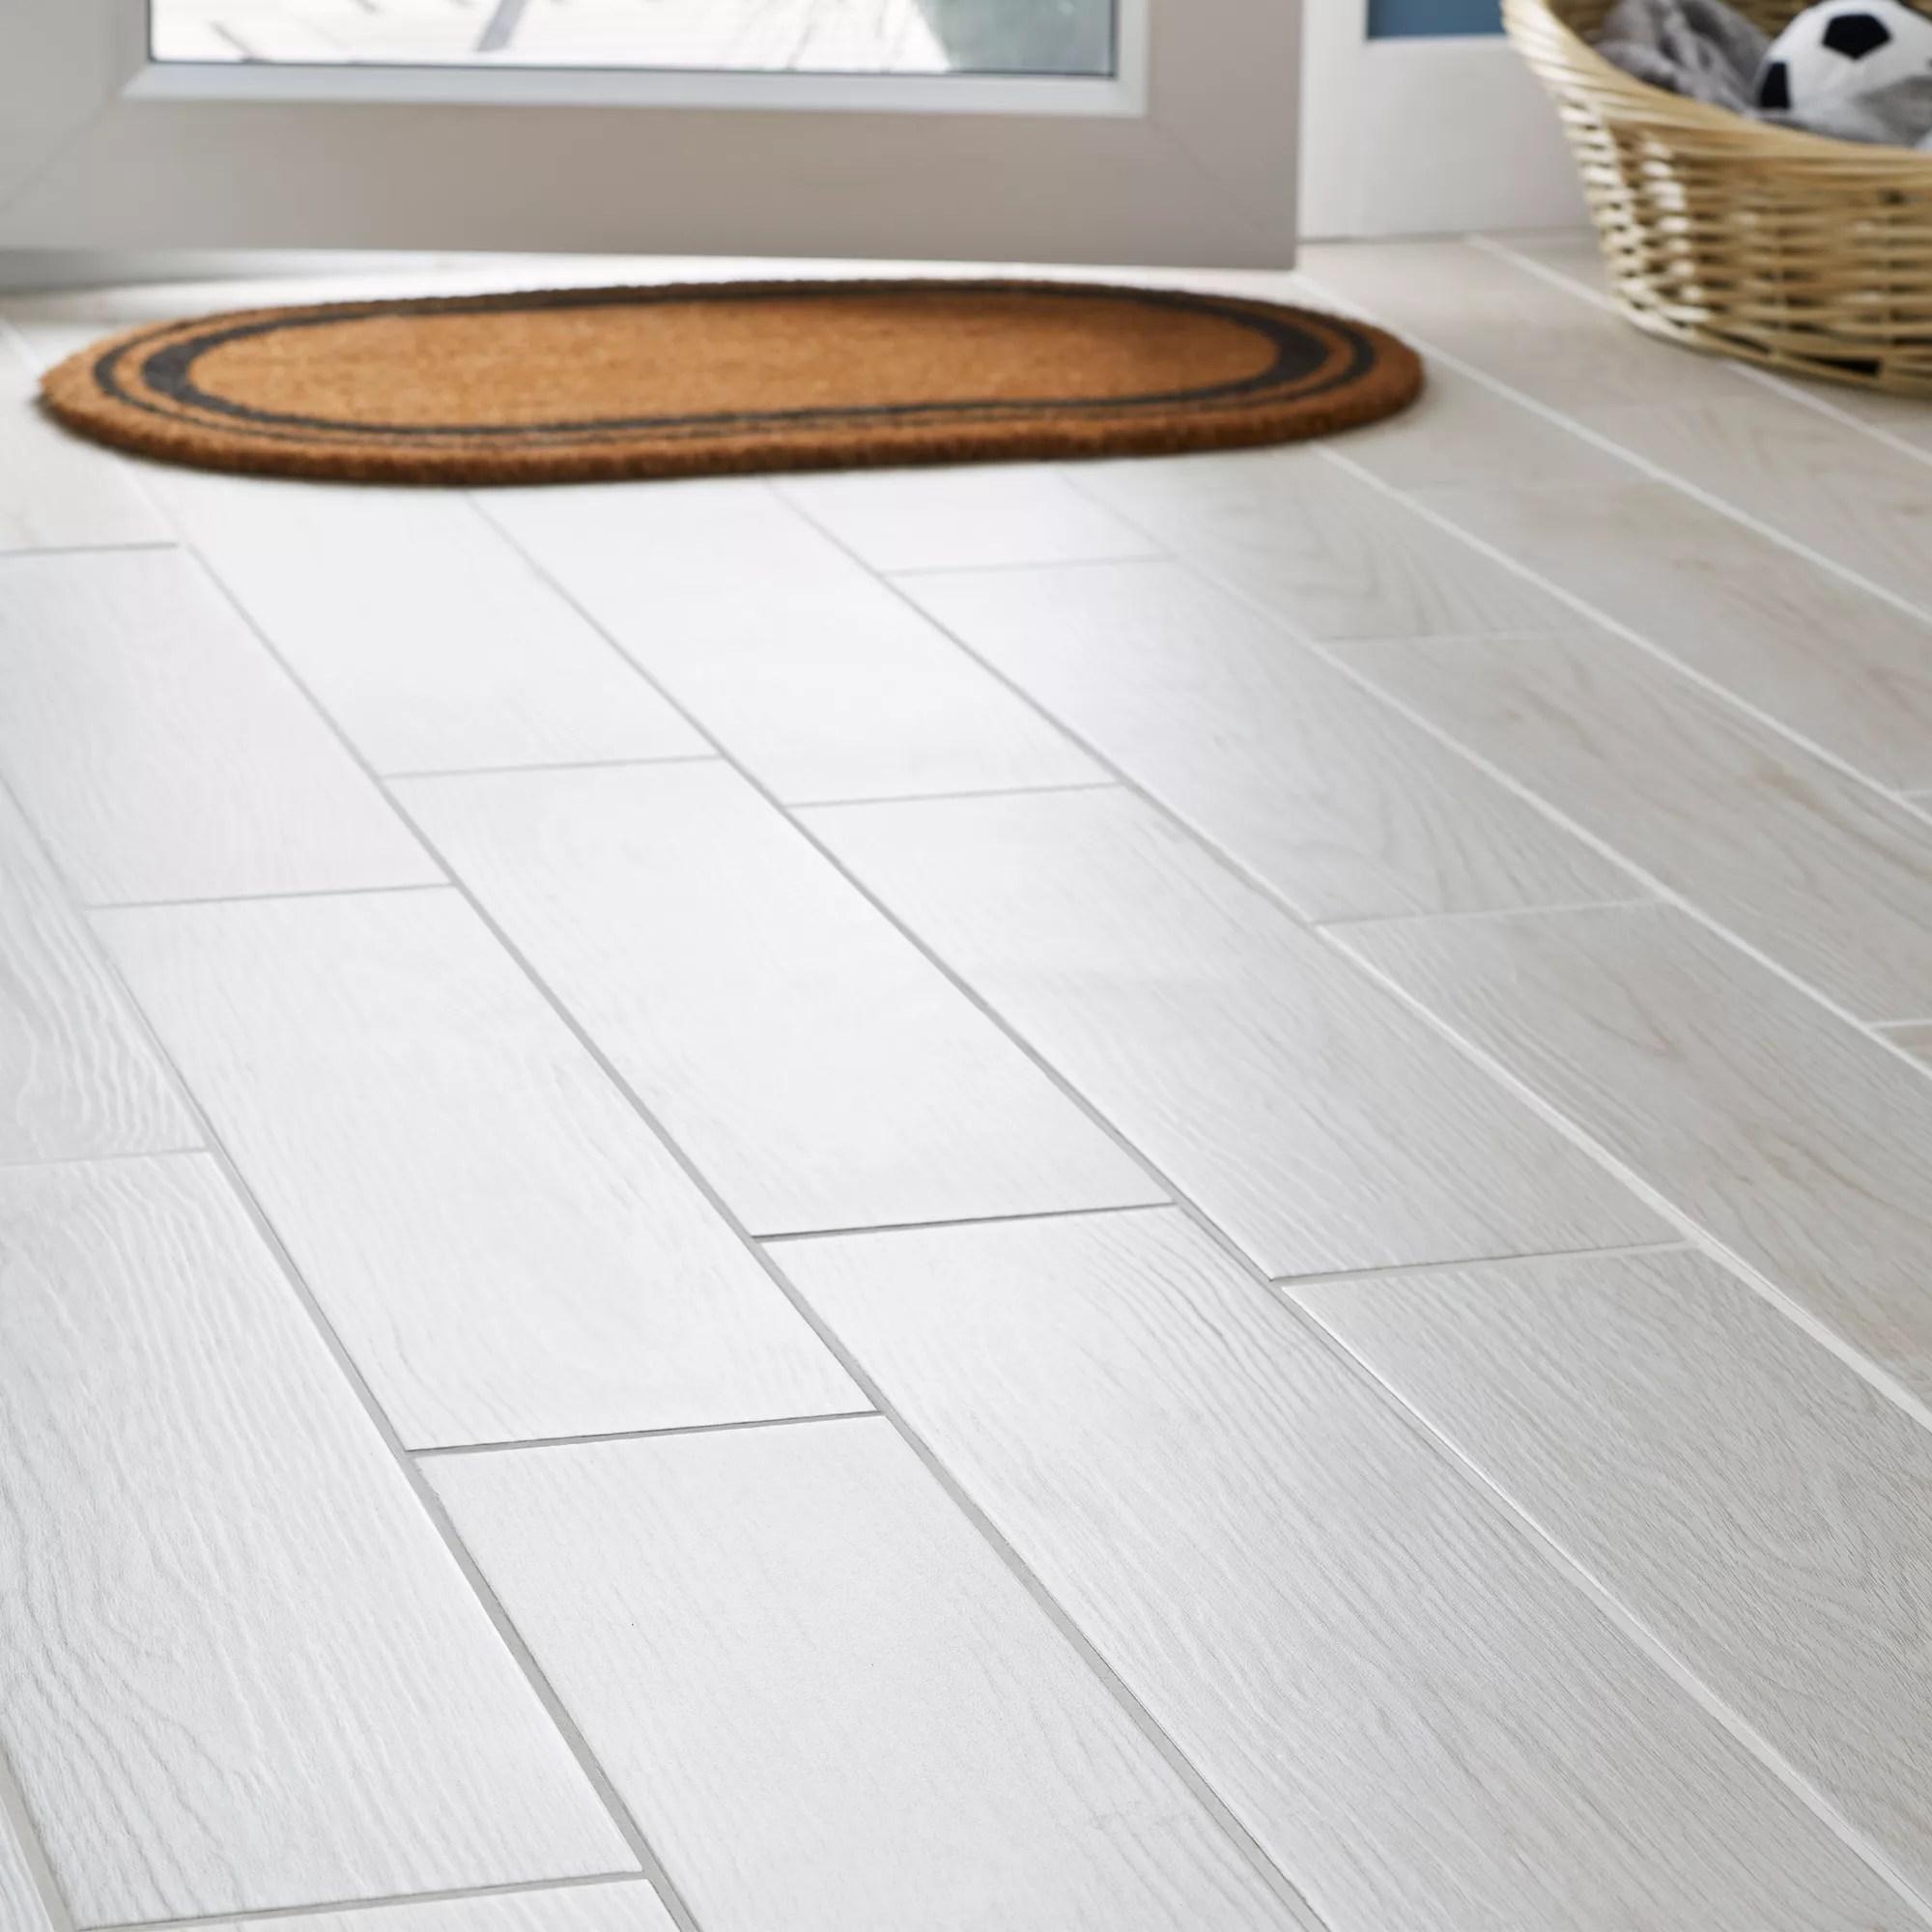 arrezo white matt wood effect porcelain floor tile pack of 14 l 600mm w 150mm